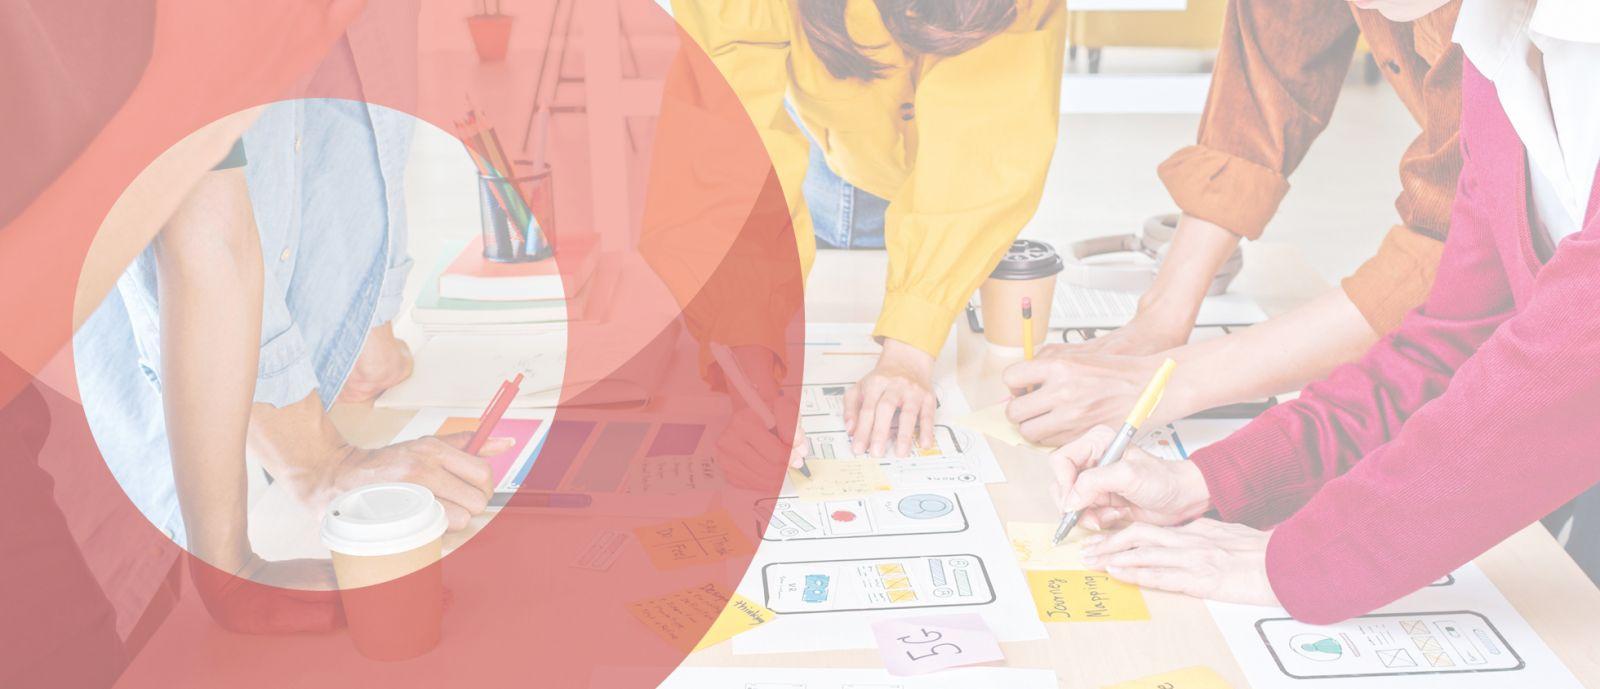 Lisez notre Plan Pluriannuel pour la kinésithérapie